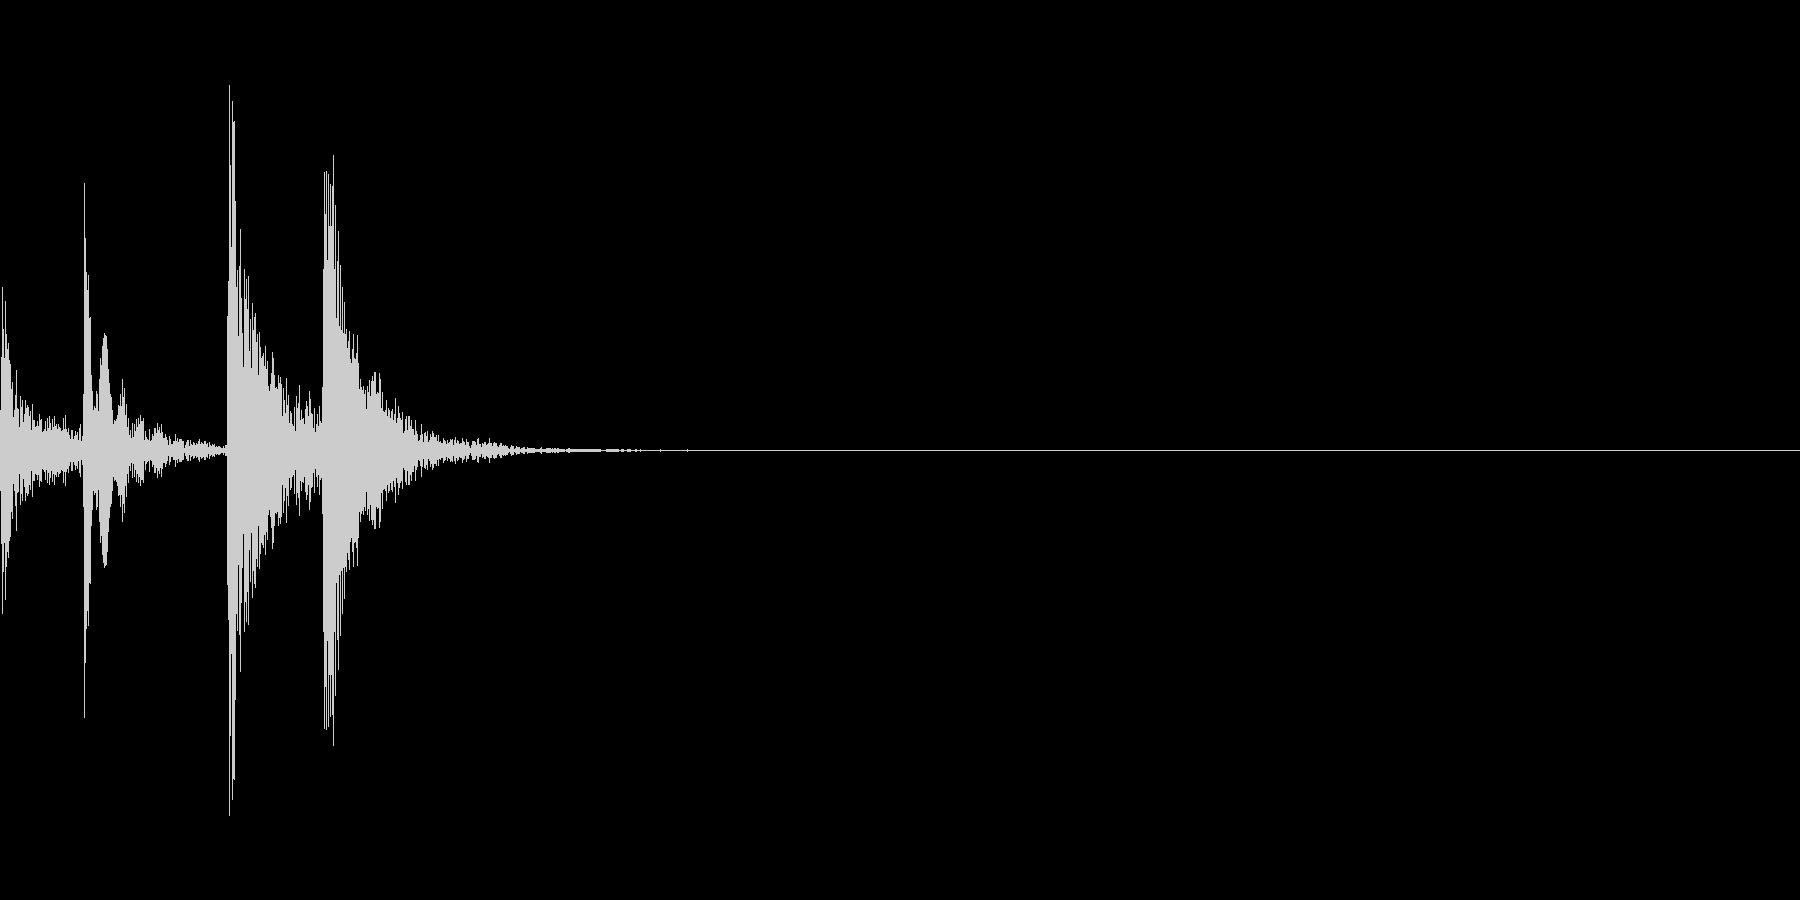 汎用的なUI音の未再生の波形